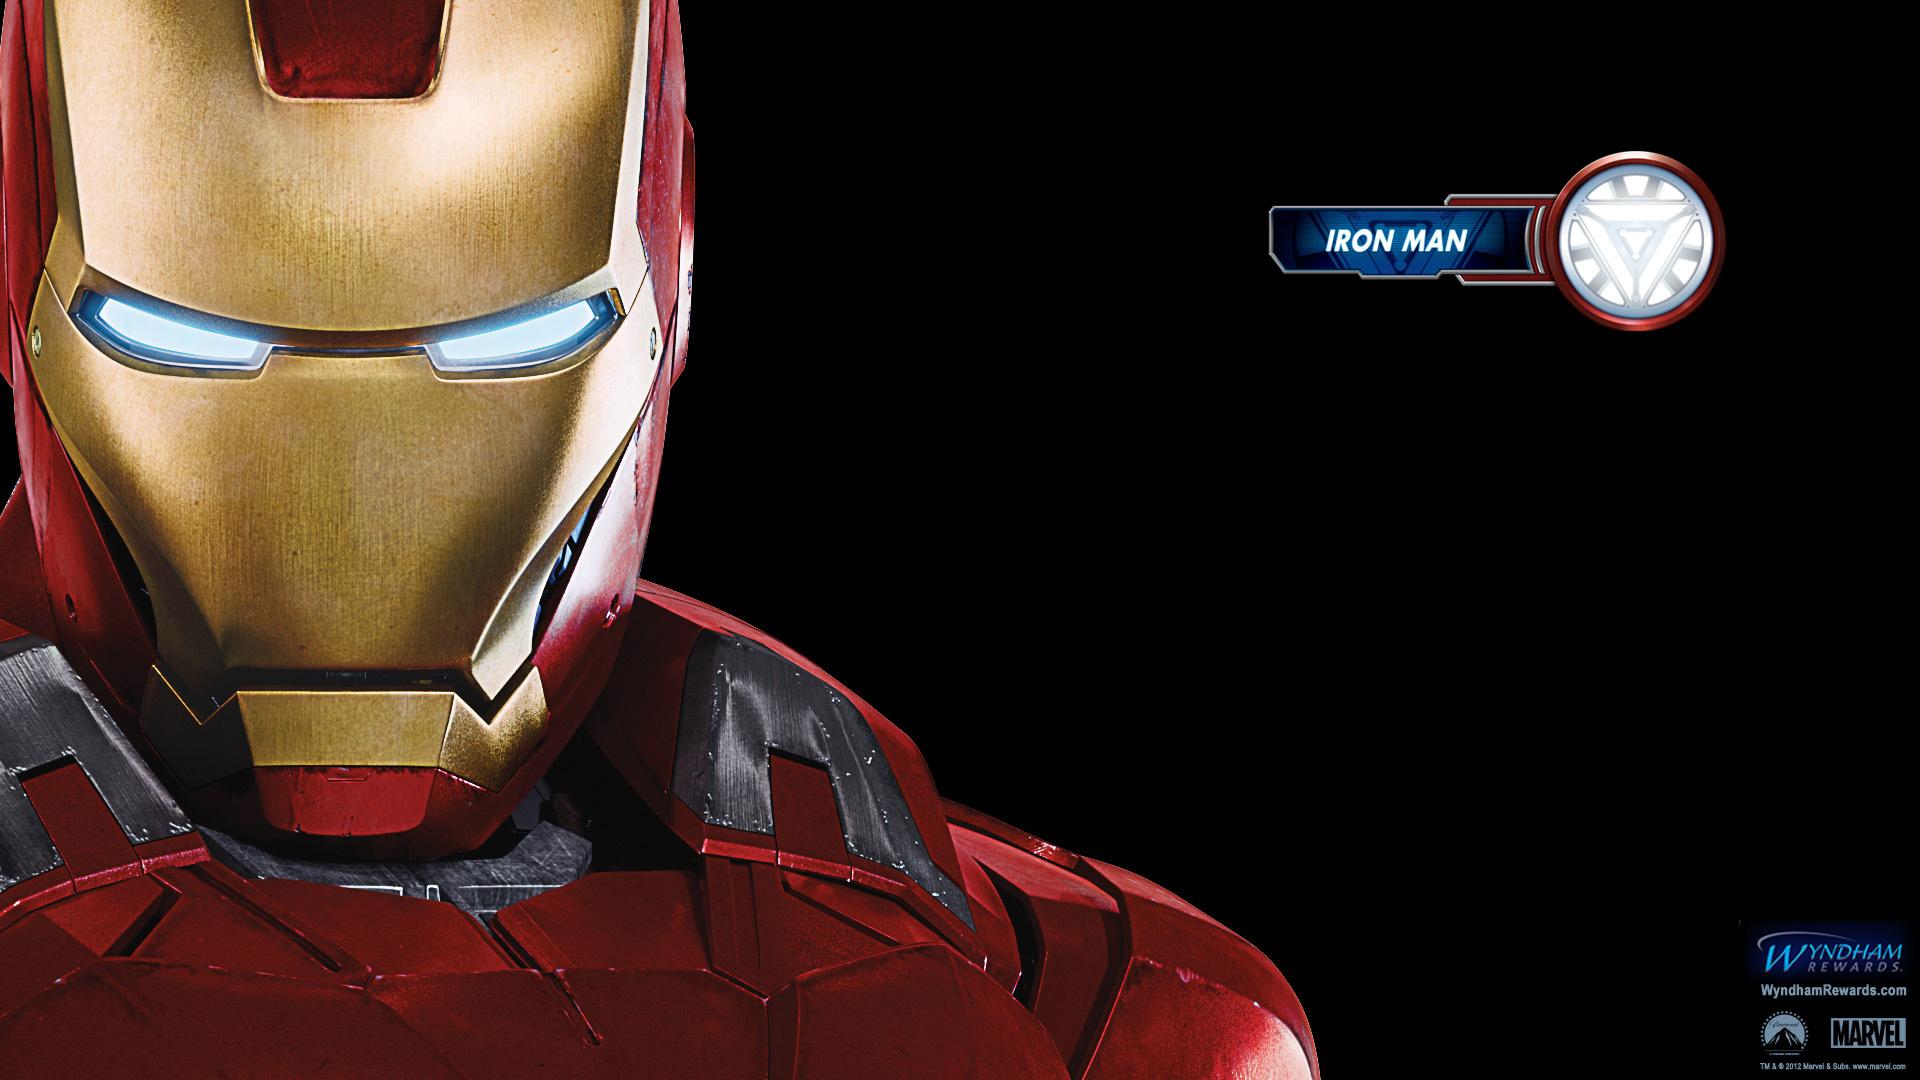 The Avengers Wallpapers The-avengers-wallpaper-iron-man1